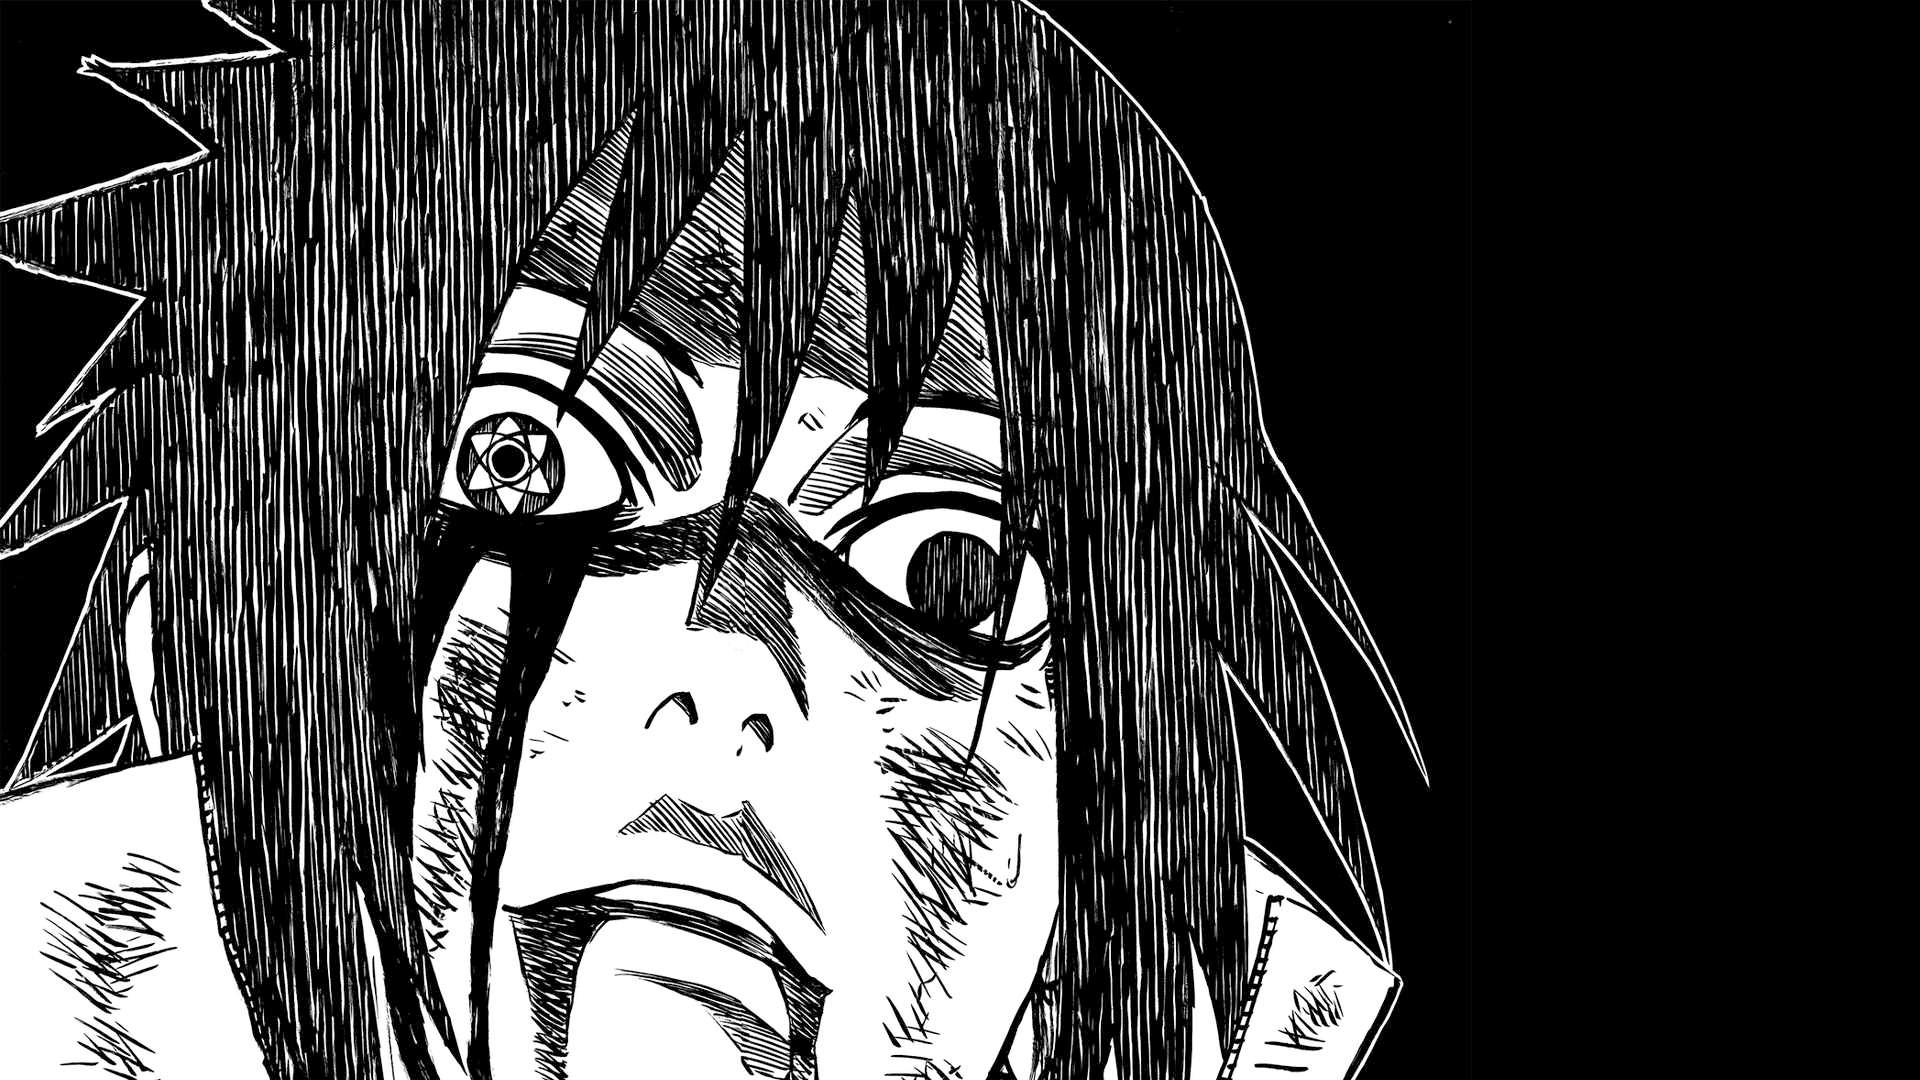 uchiha sasuke images wallpaper - photo #24